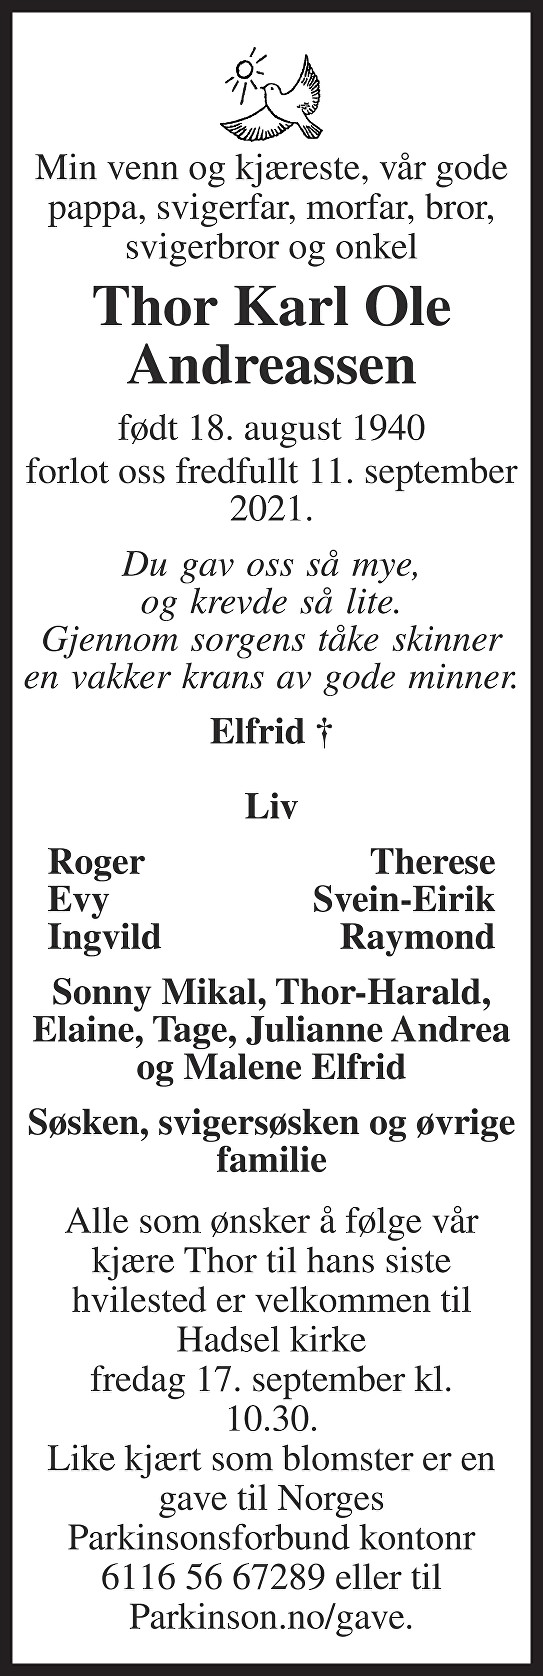 Thor Karl Ole Andreassen Dødsannonse